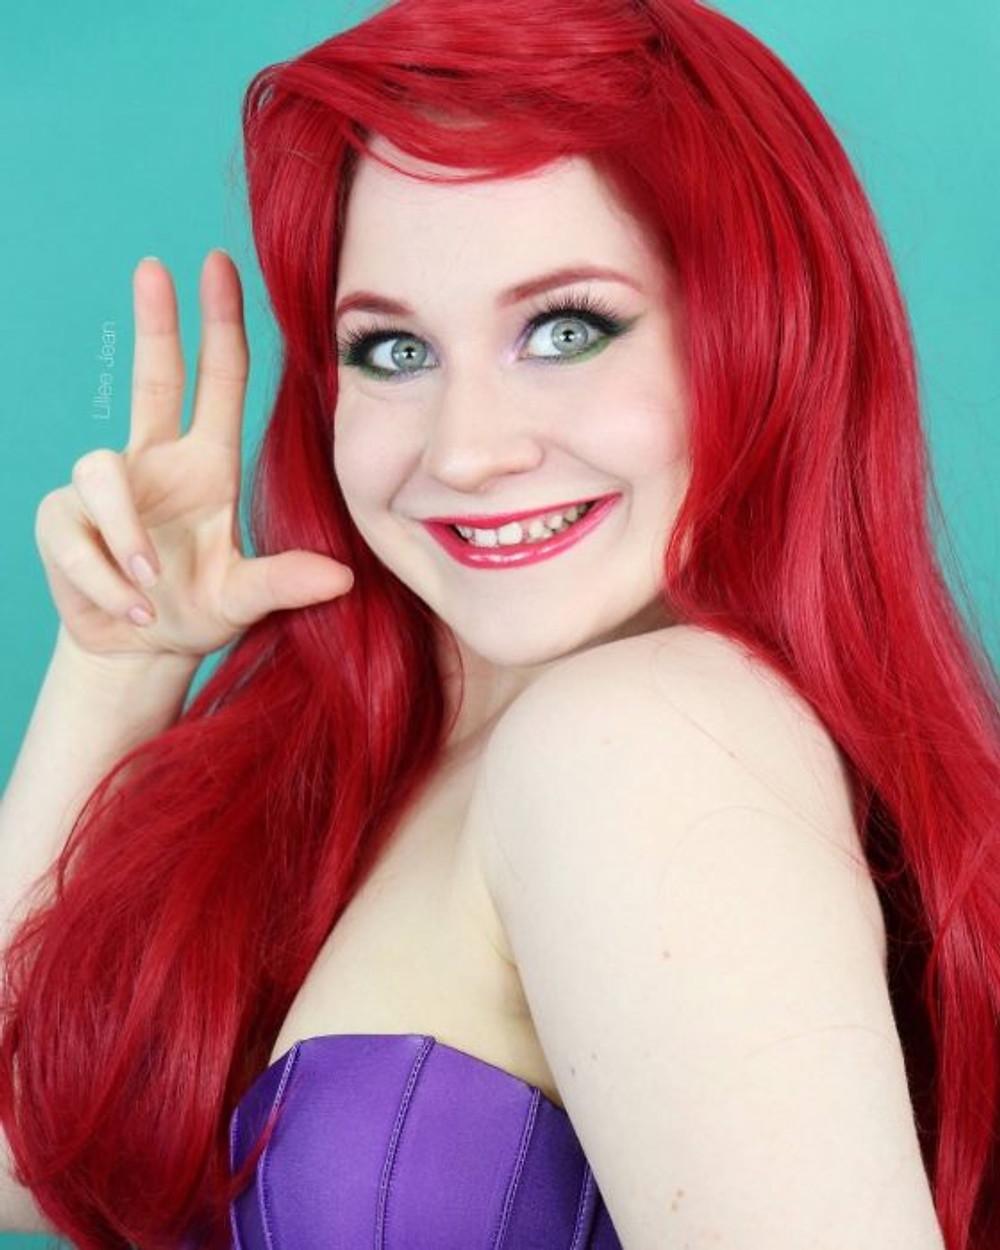 Disney Ariel The Little Mermaid Makeup Tutorial Cosplay 2020   Lillee Jean